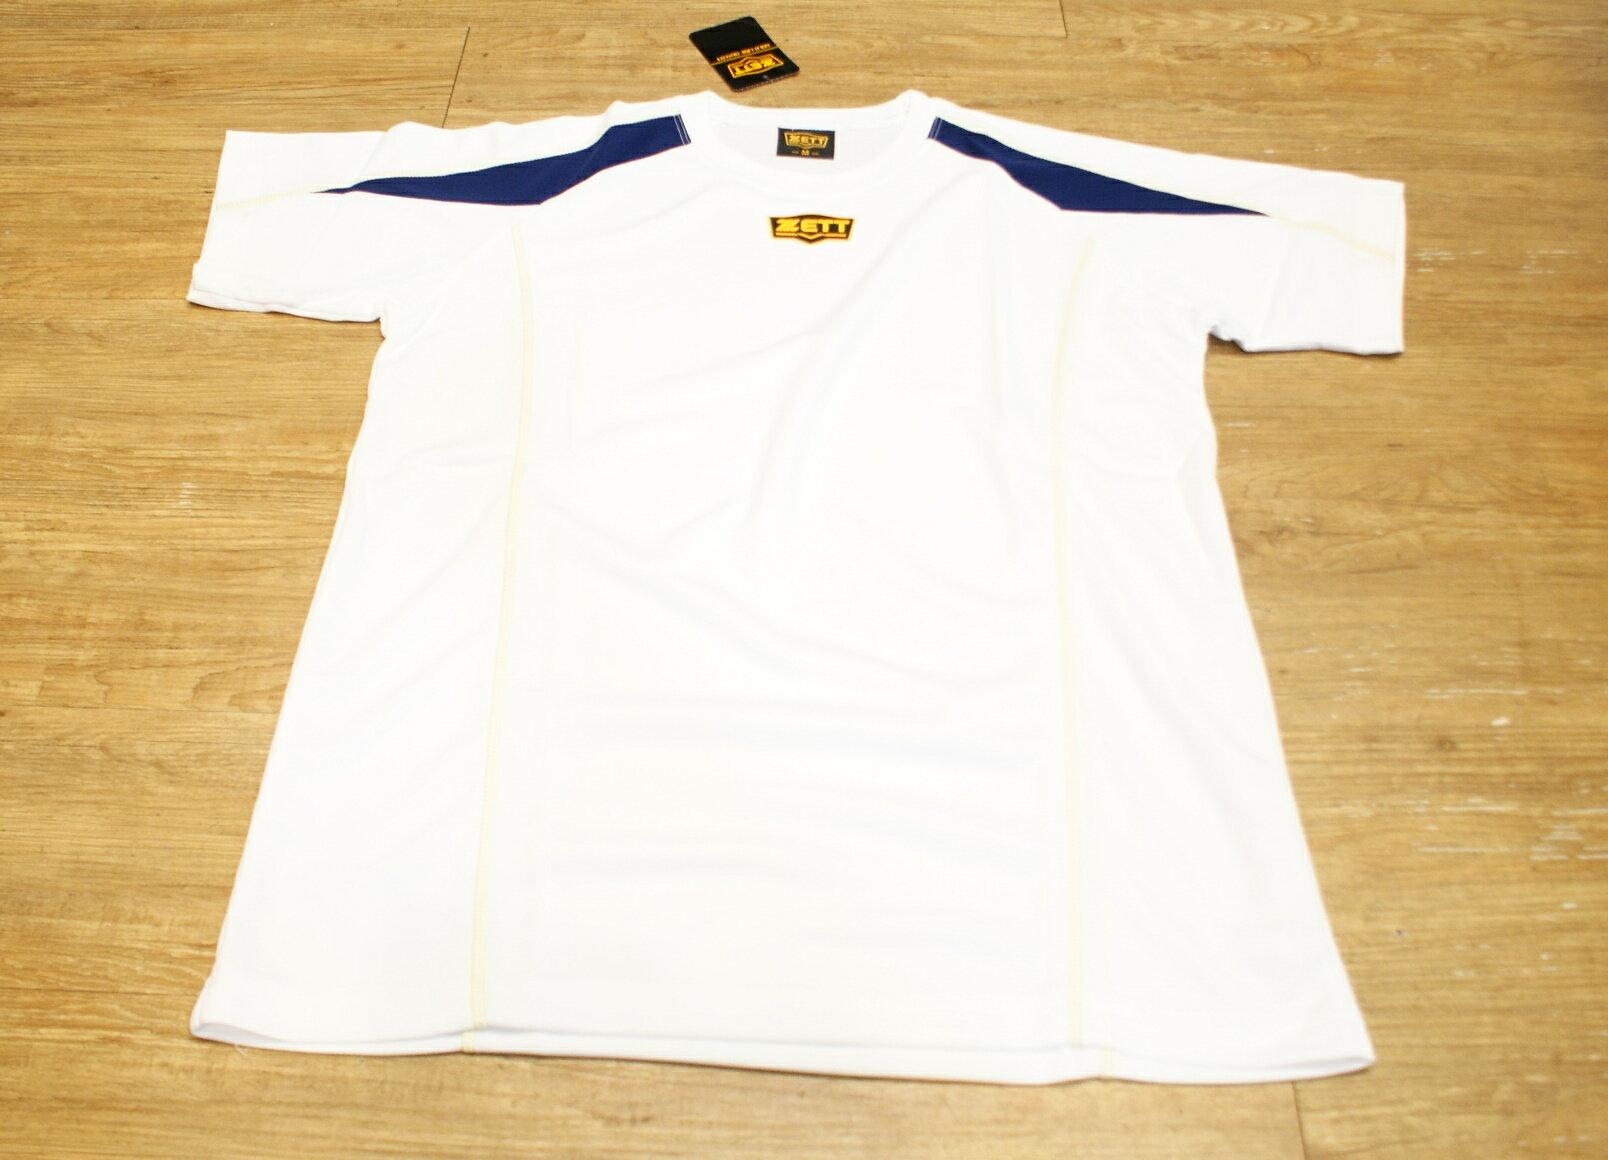 棒球世界全新ZETT金標短袖練習衣特價白色